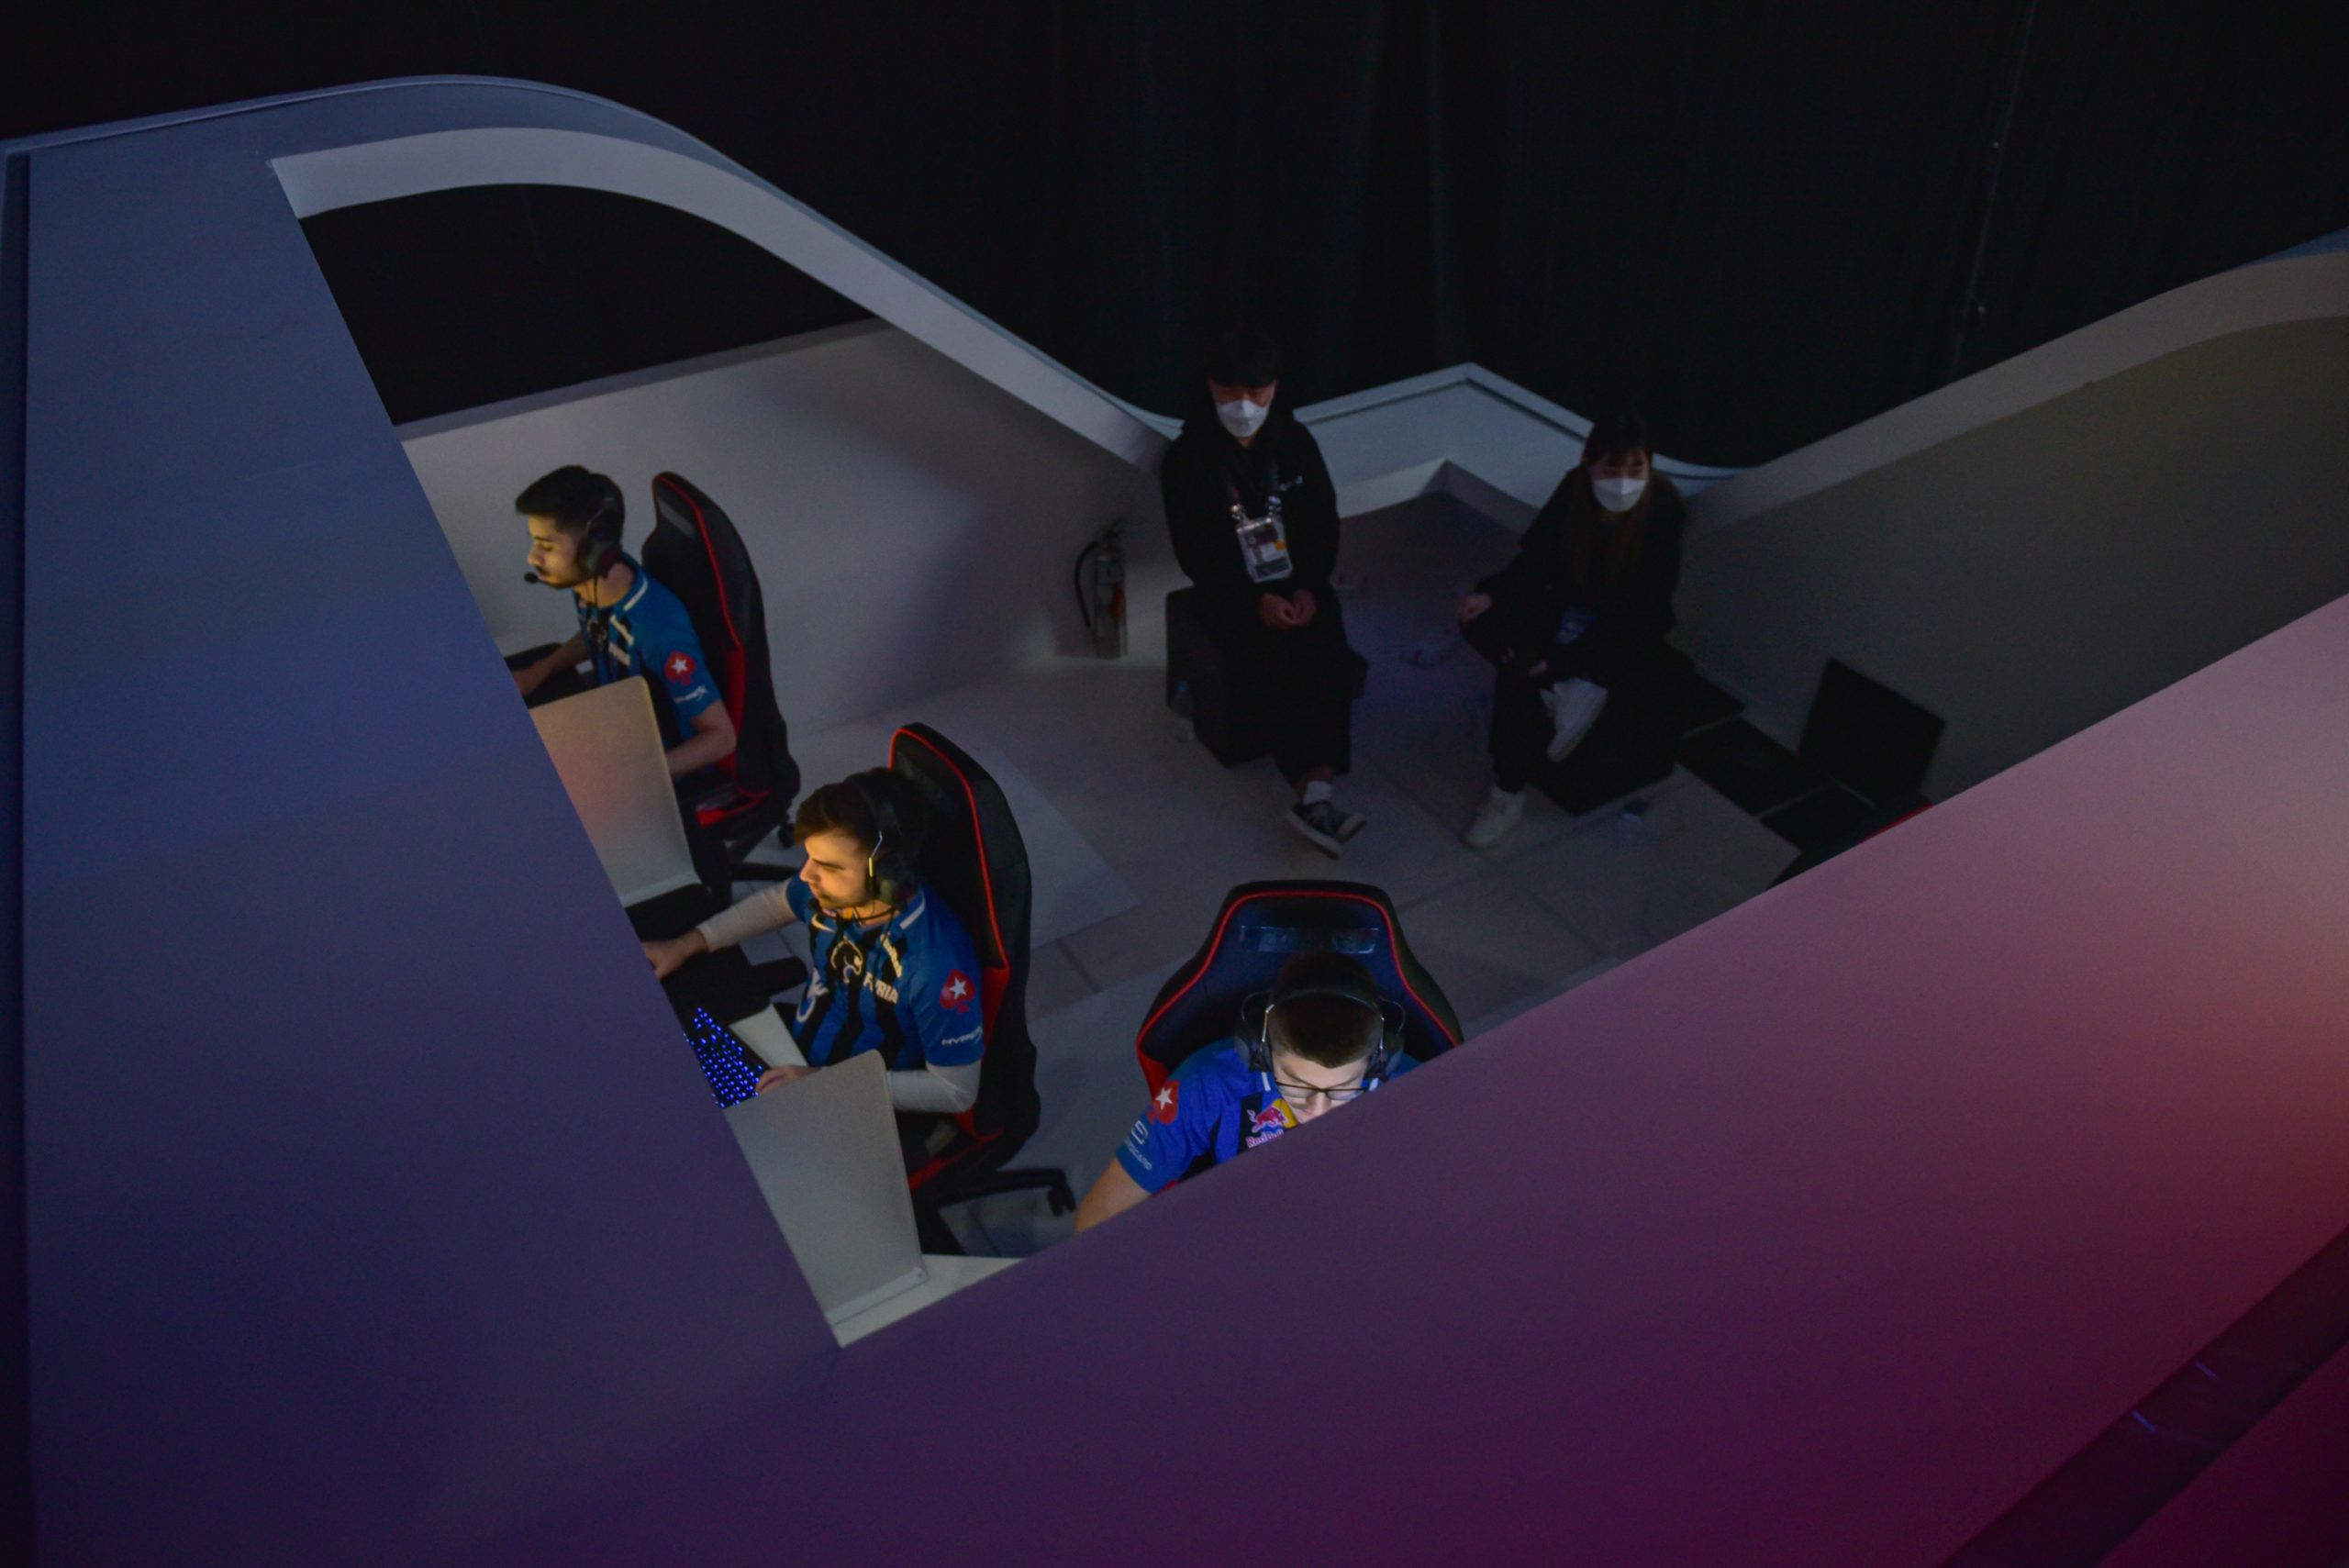 Imagem aérea da equipe brasileira FURIA jogando o Survival Tournament no PGI.S